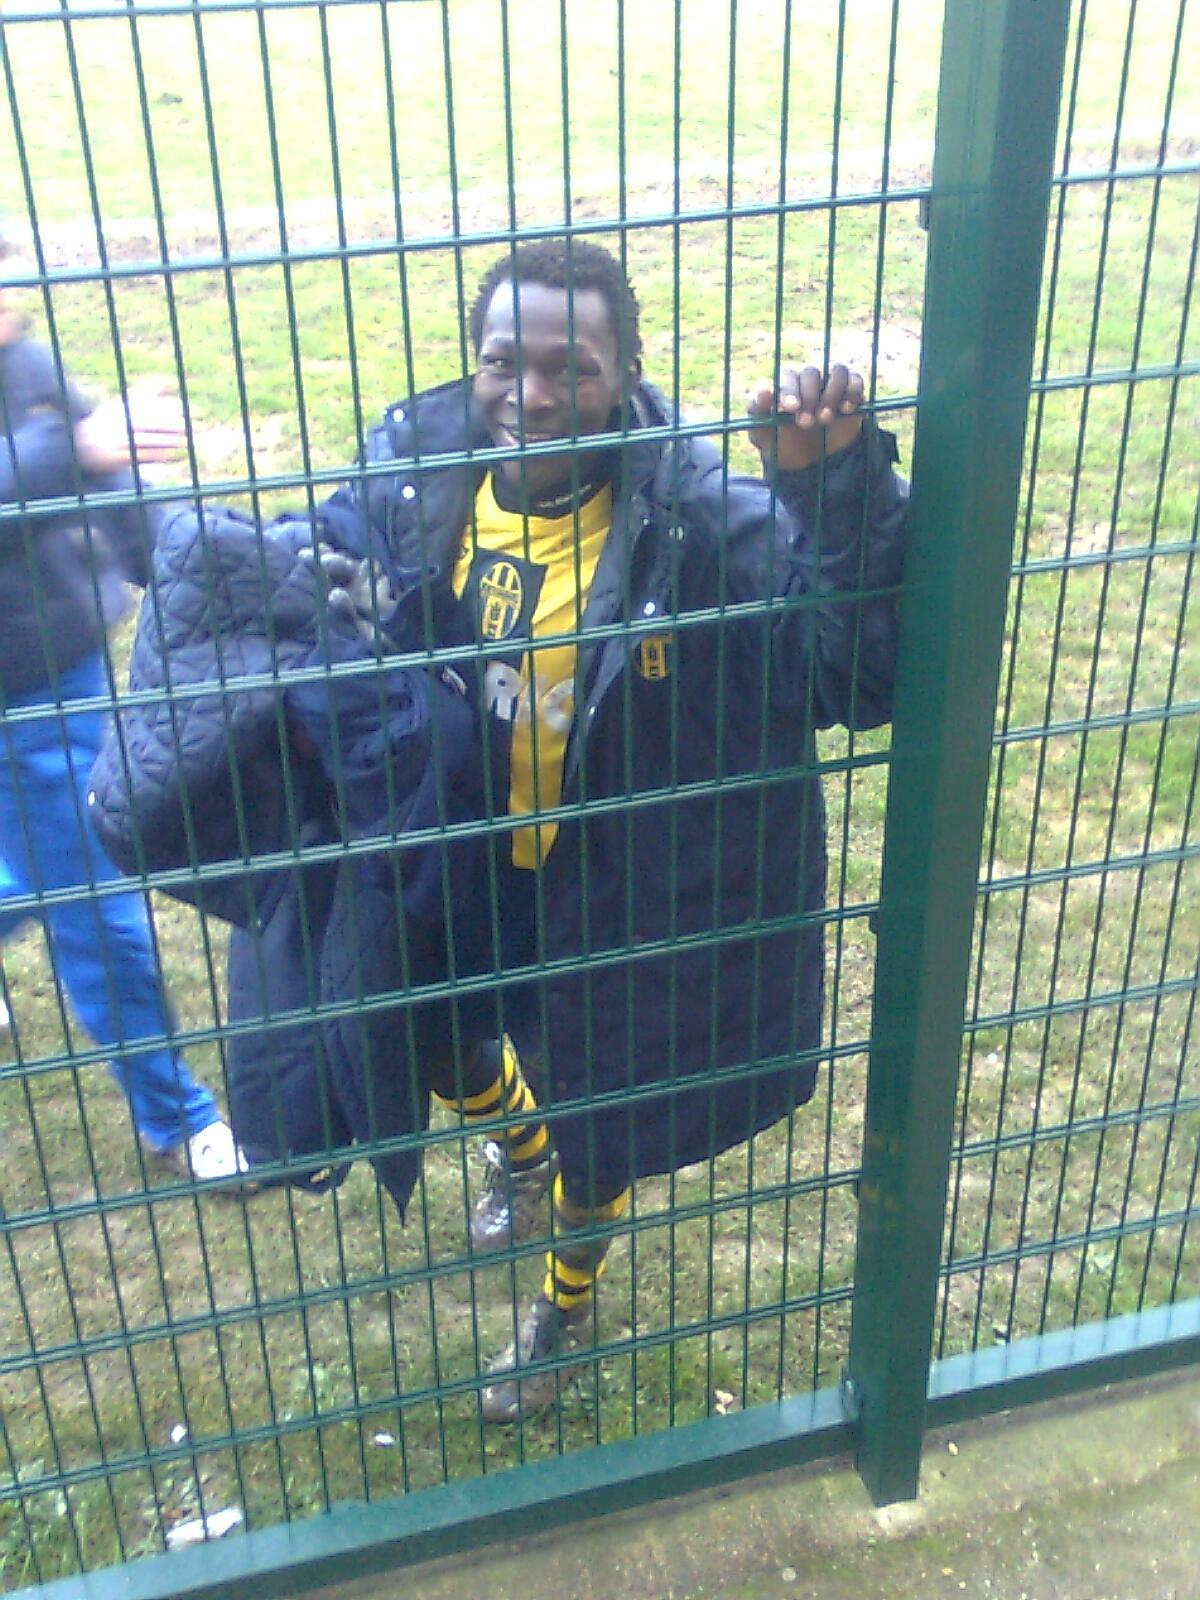 L'attaccante camerunense Laurent Sanda fotografato durante l'uscita dal campo a fine gara